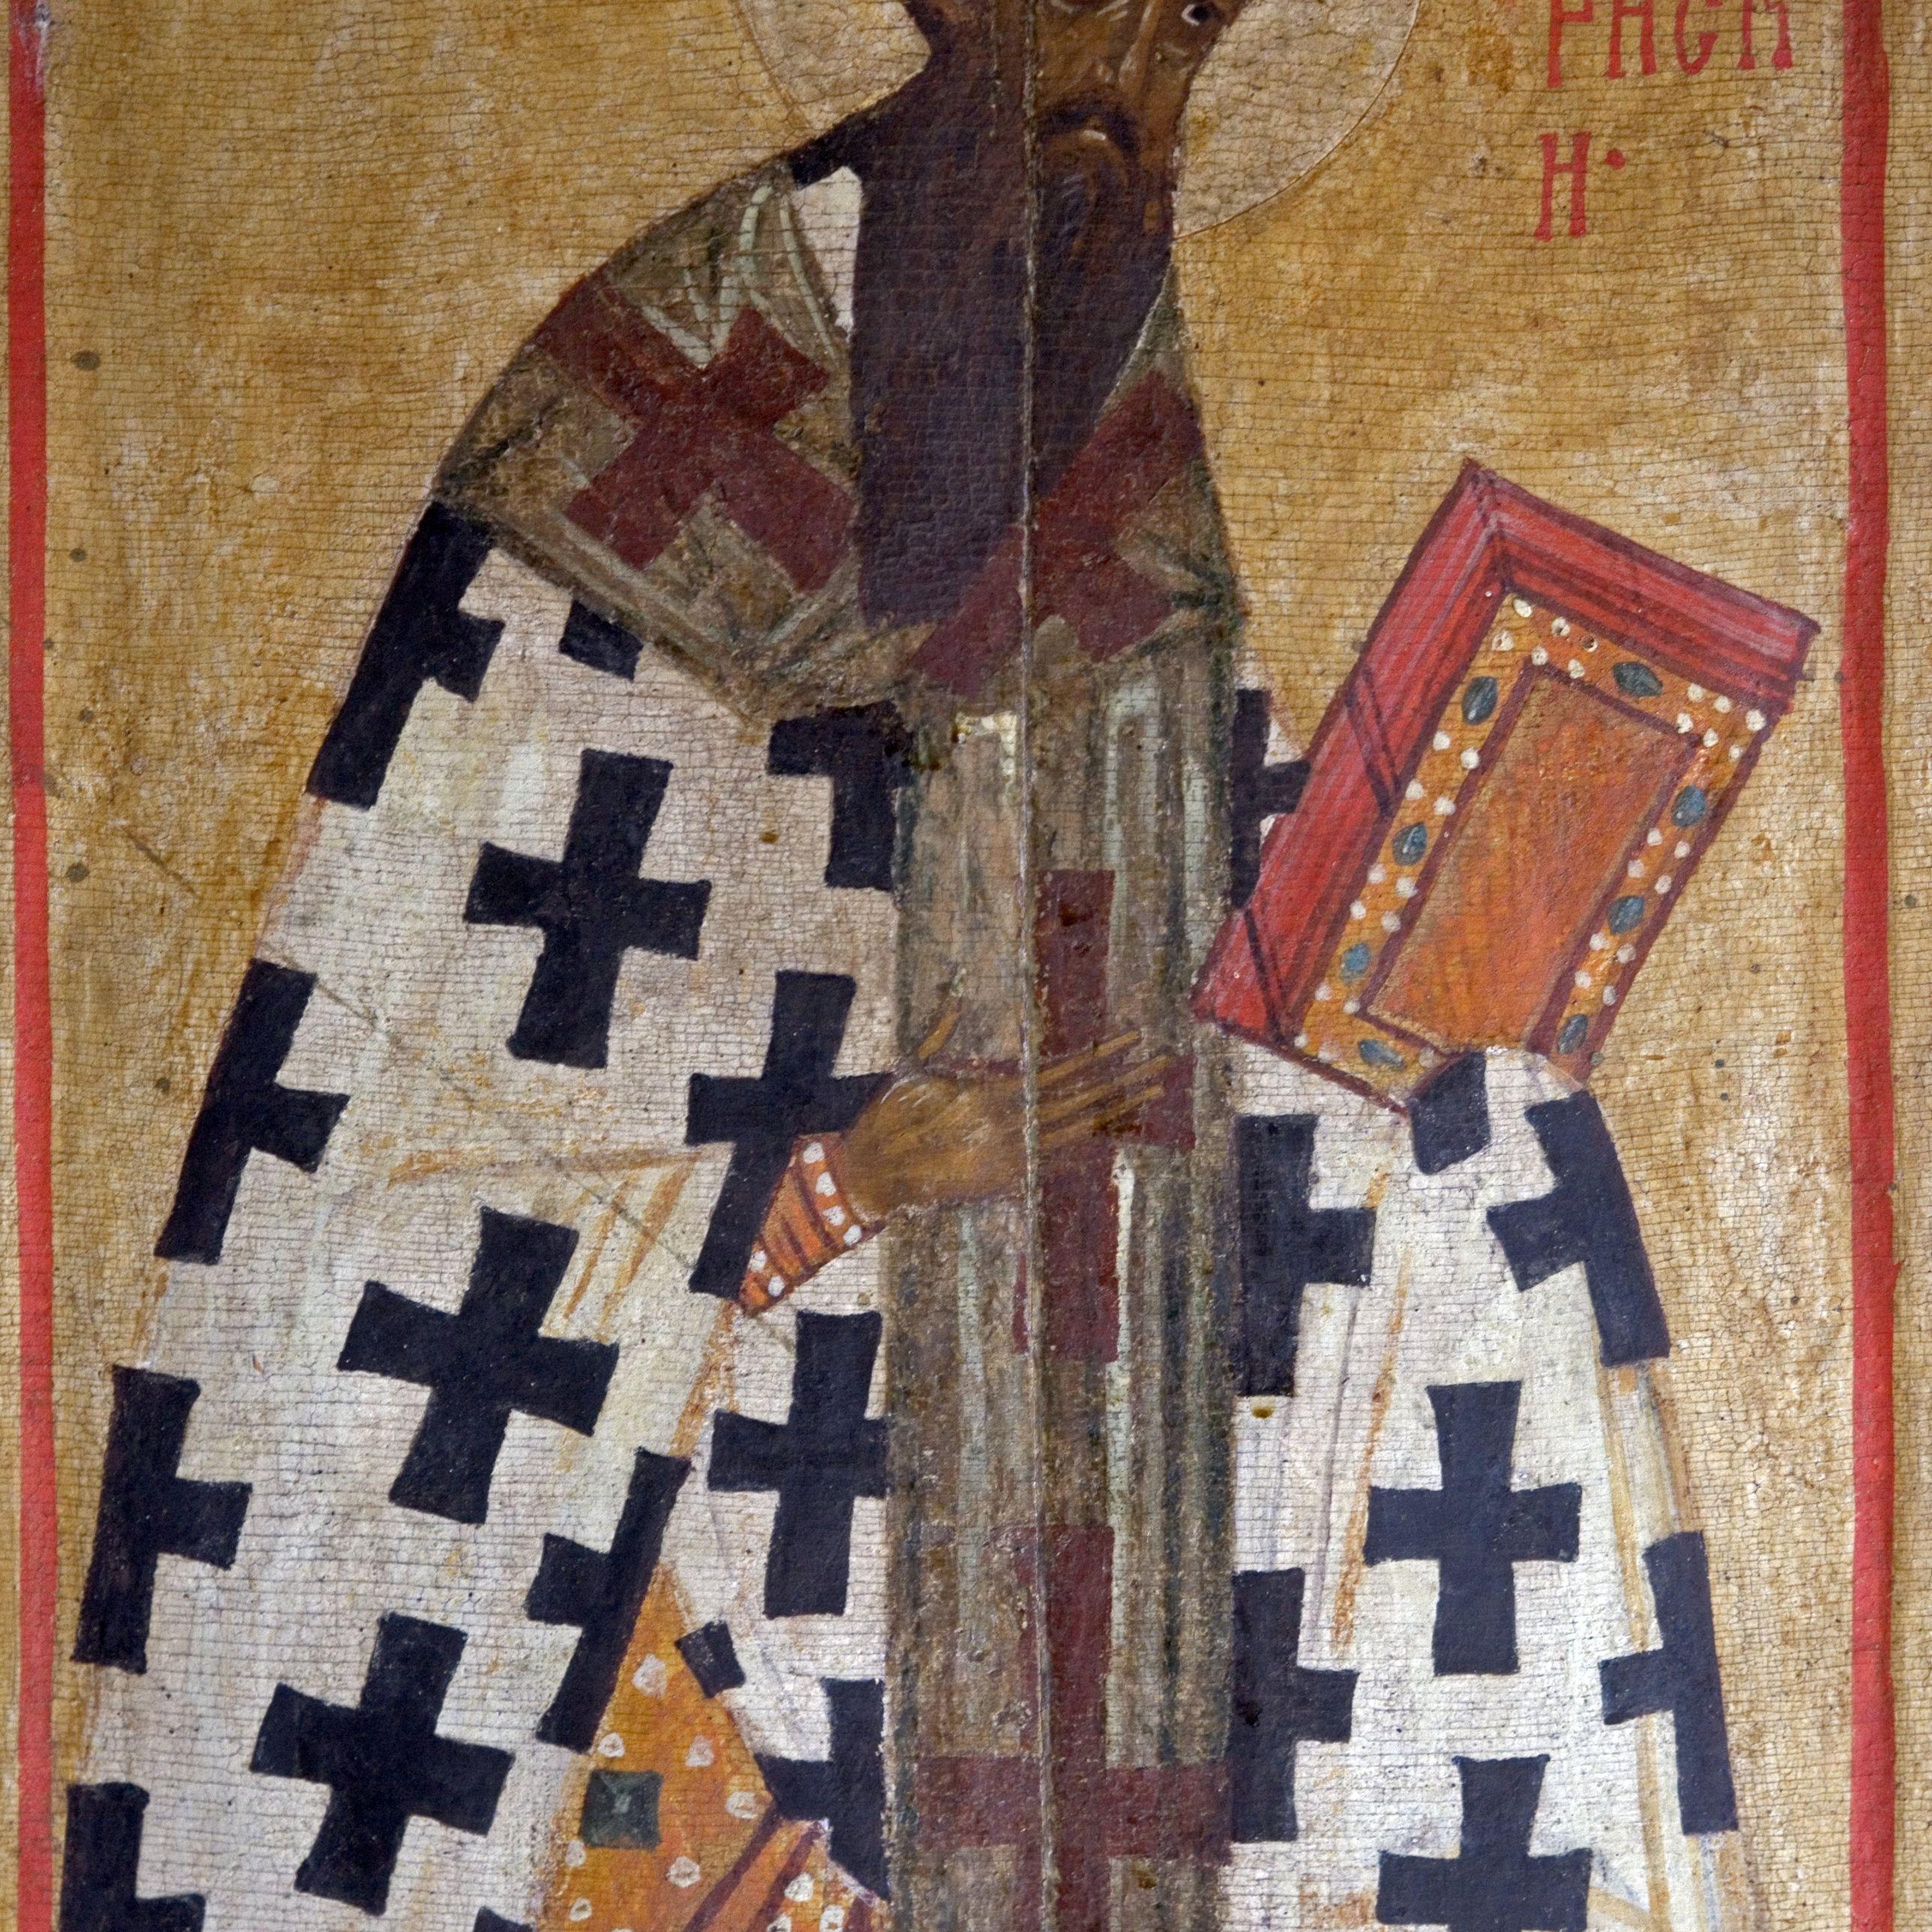 Russia, Carelia, Kizhi Pogost, icona sacra affresco nella chiesa della Trasfigurazione sull'isola di Kizhi